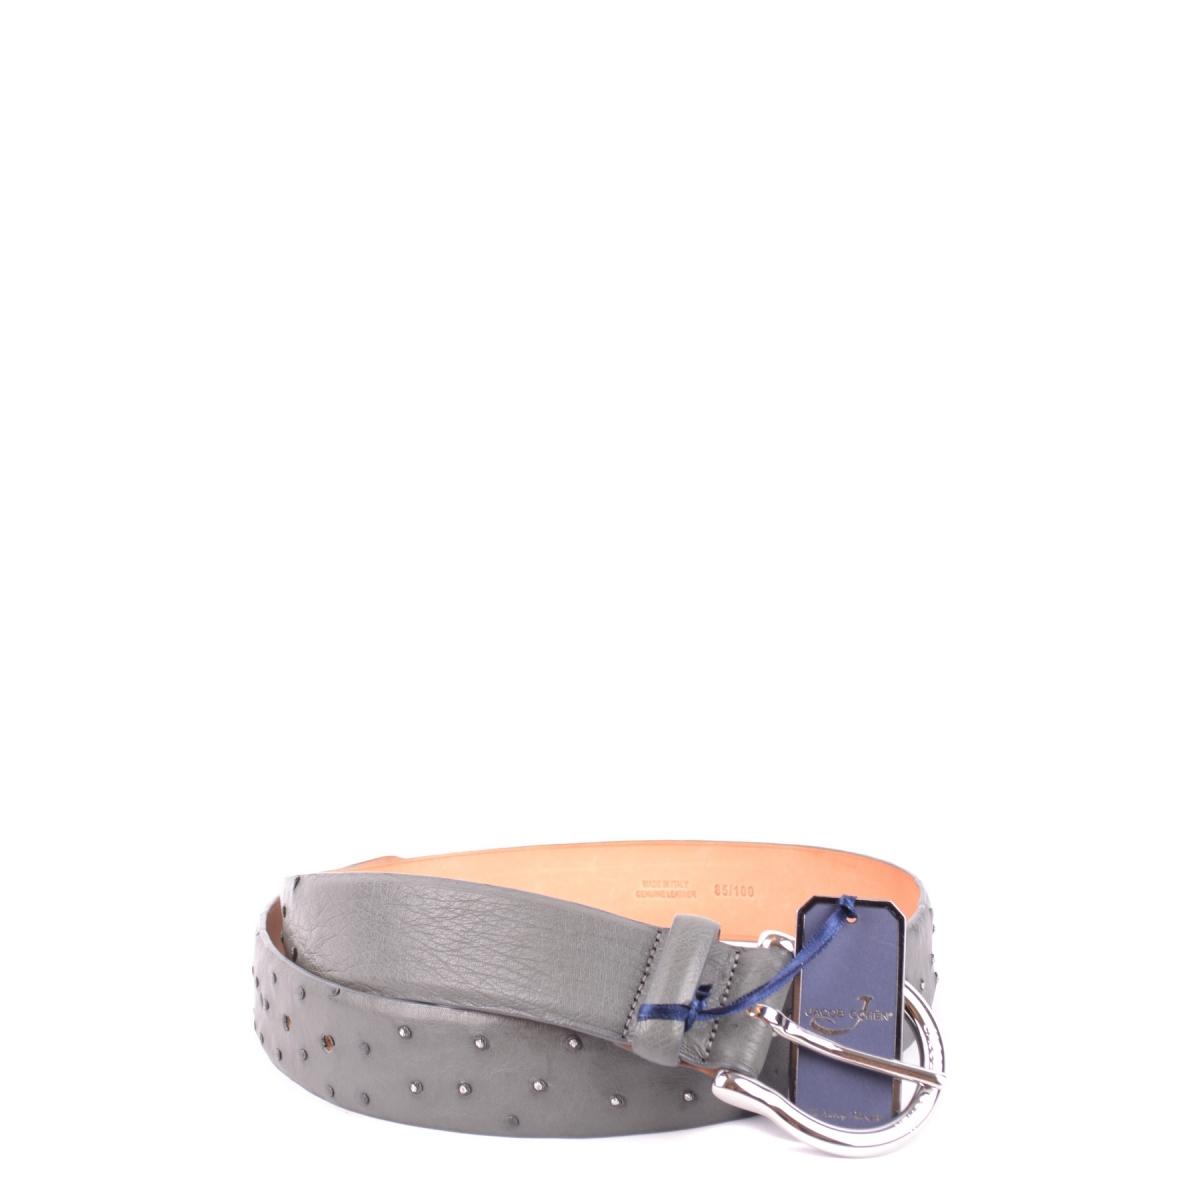 Cintura-Jacob-Cohen-34696IT-40